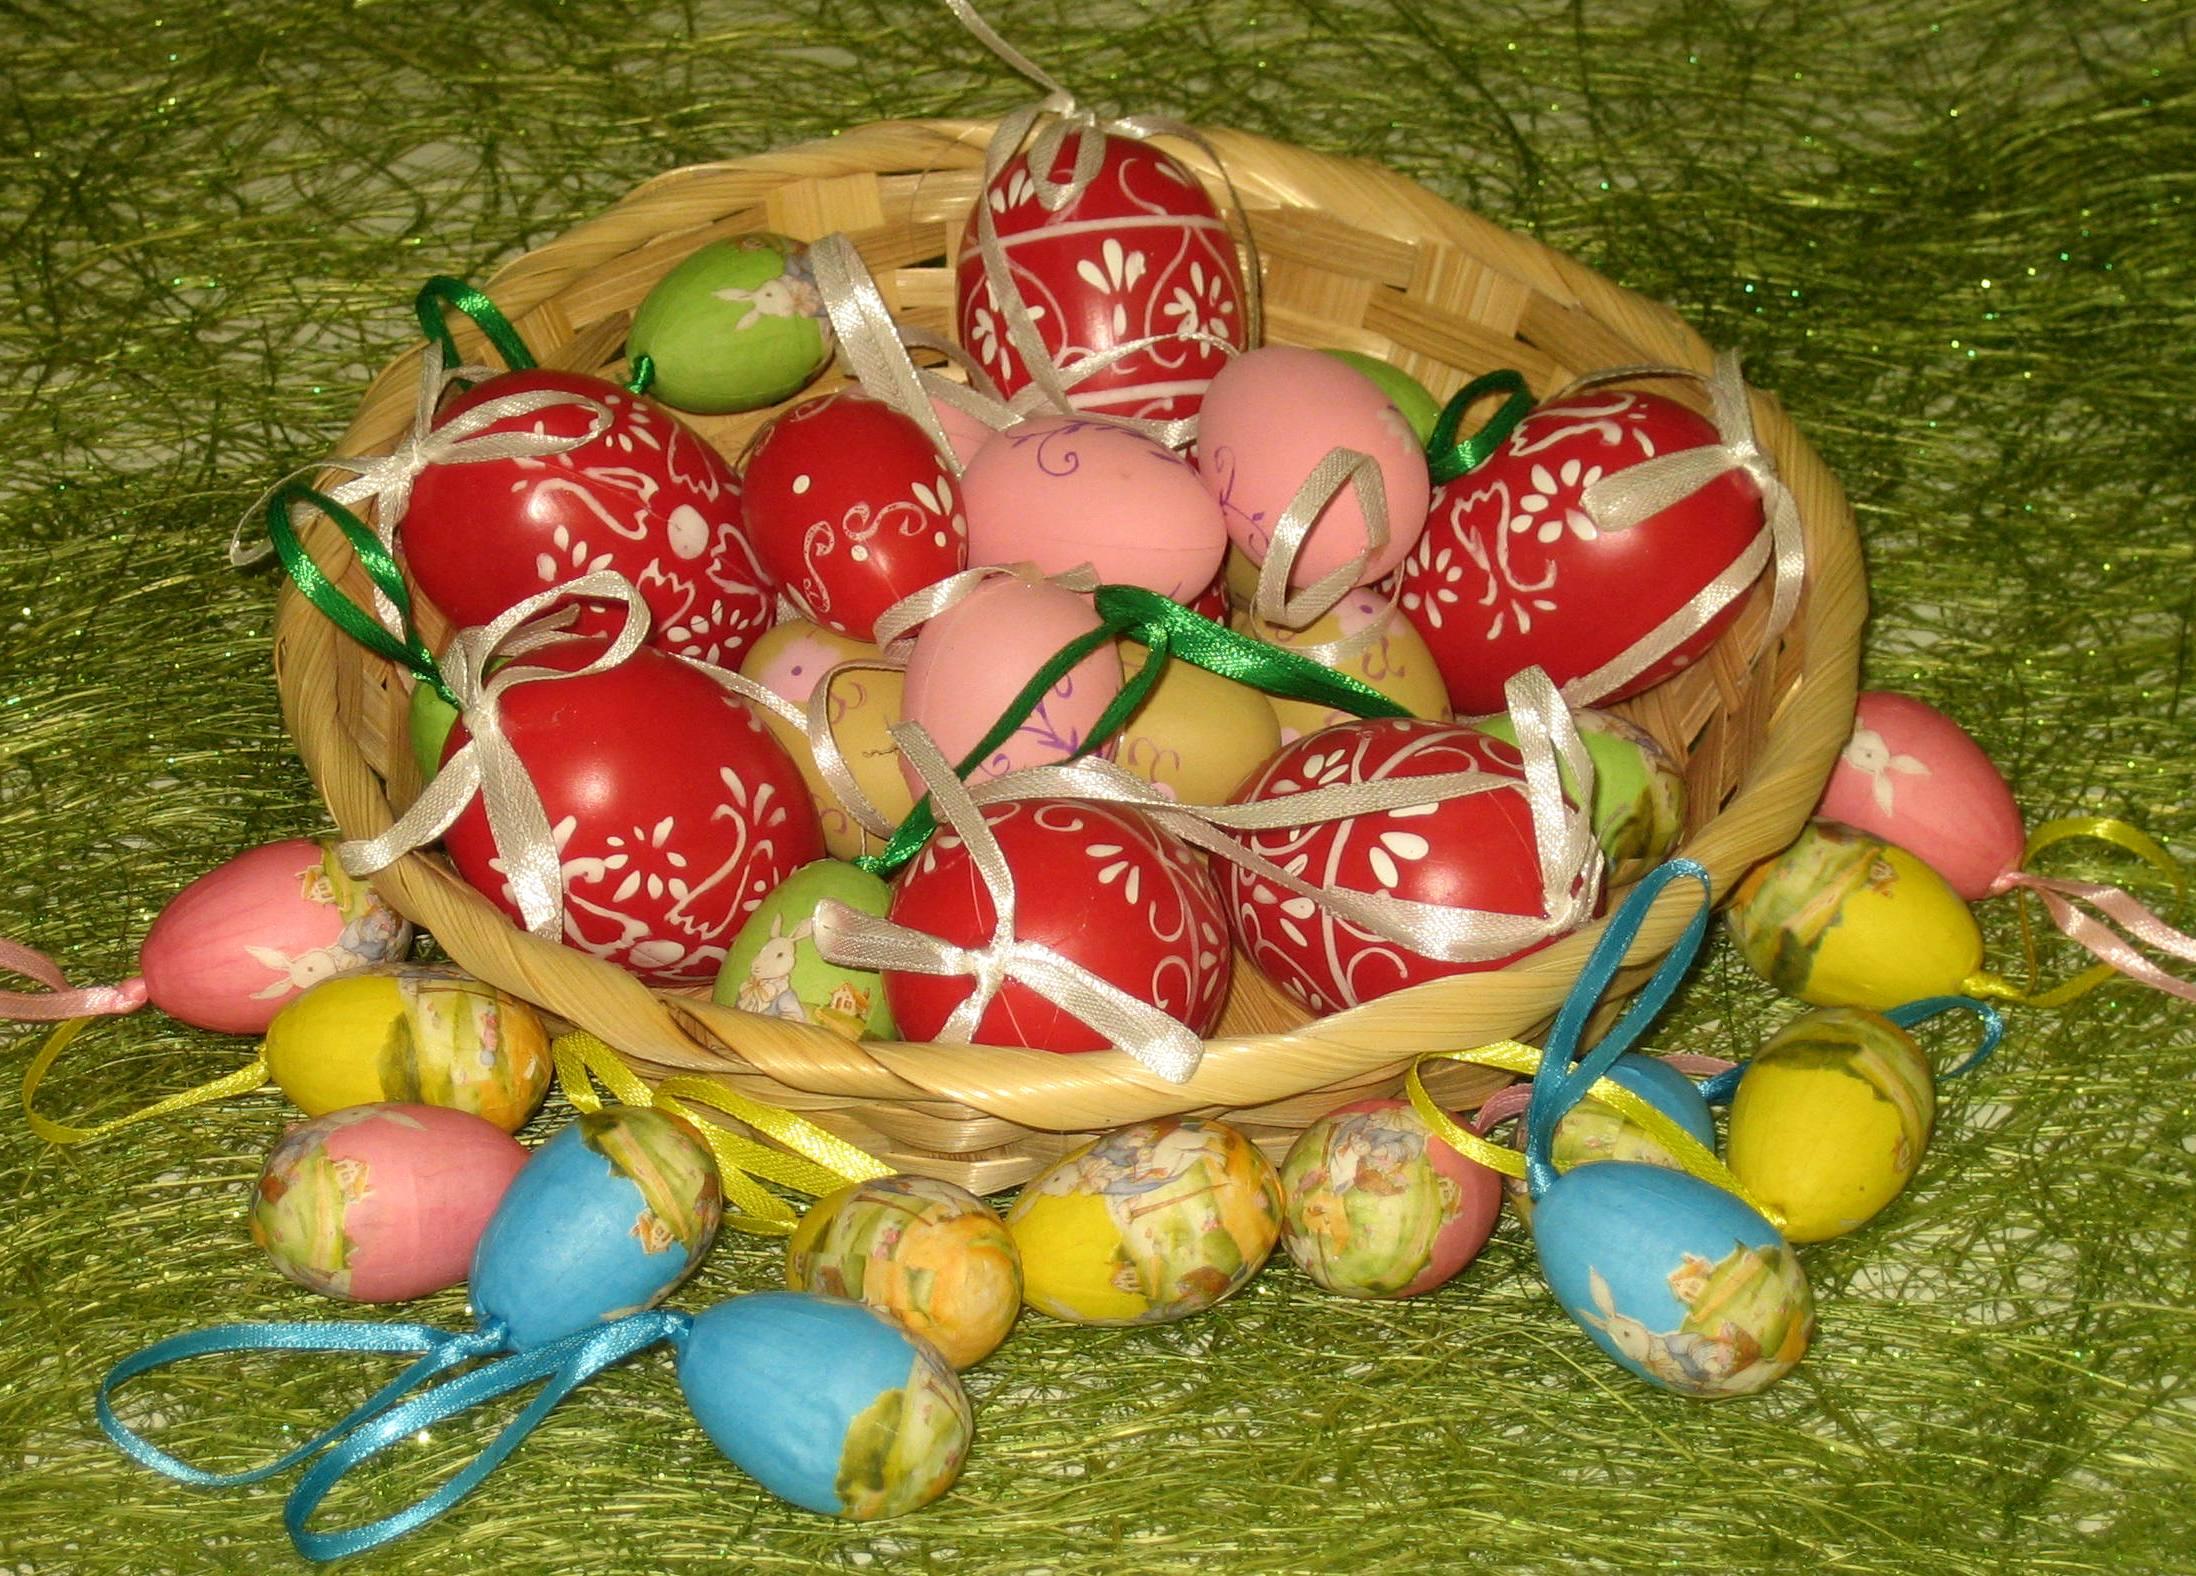 P+P - selyemvirágok, húsvéti dekorációk, húsvéti fonott kosarak, húsvéti vidám színes termékek, húsvéti tojás díszek